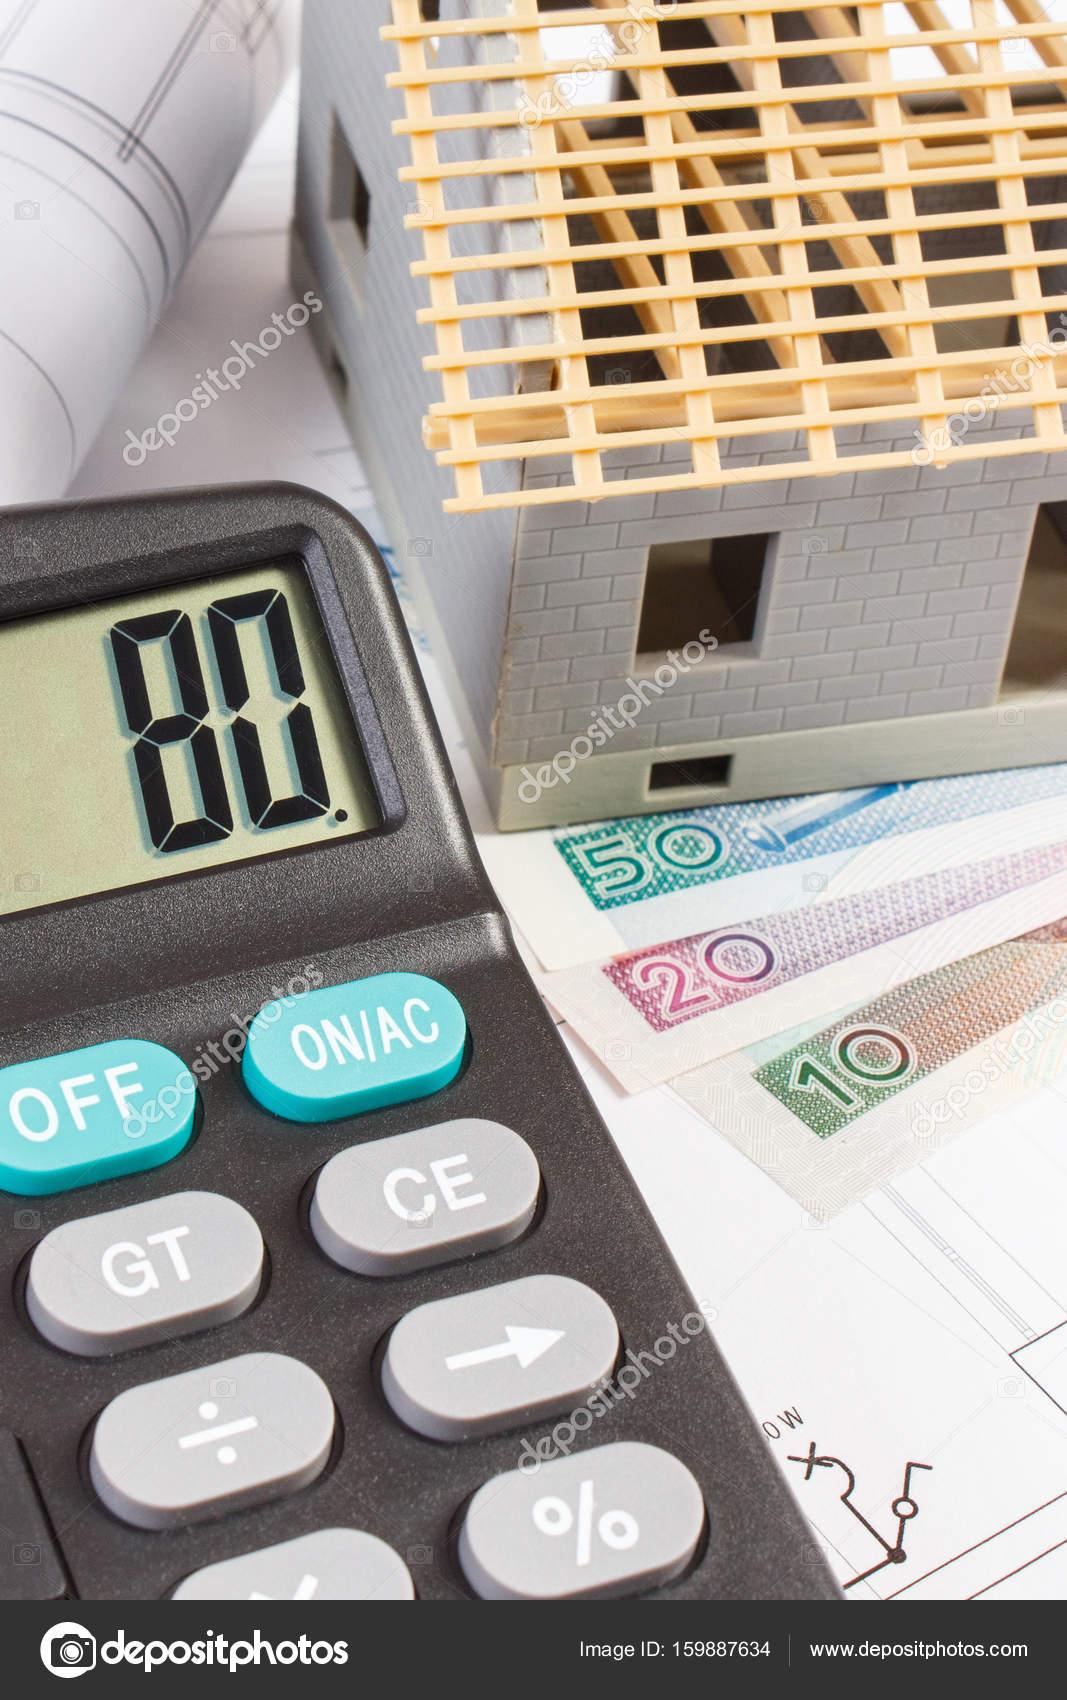 Haus Im Bau, Taschenrechner Und Polnische Währung Geld Auf Elektrische  Zeichnungen U2014 Stockfoto